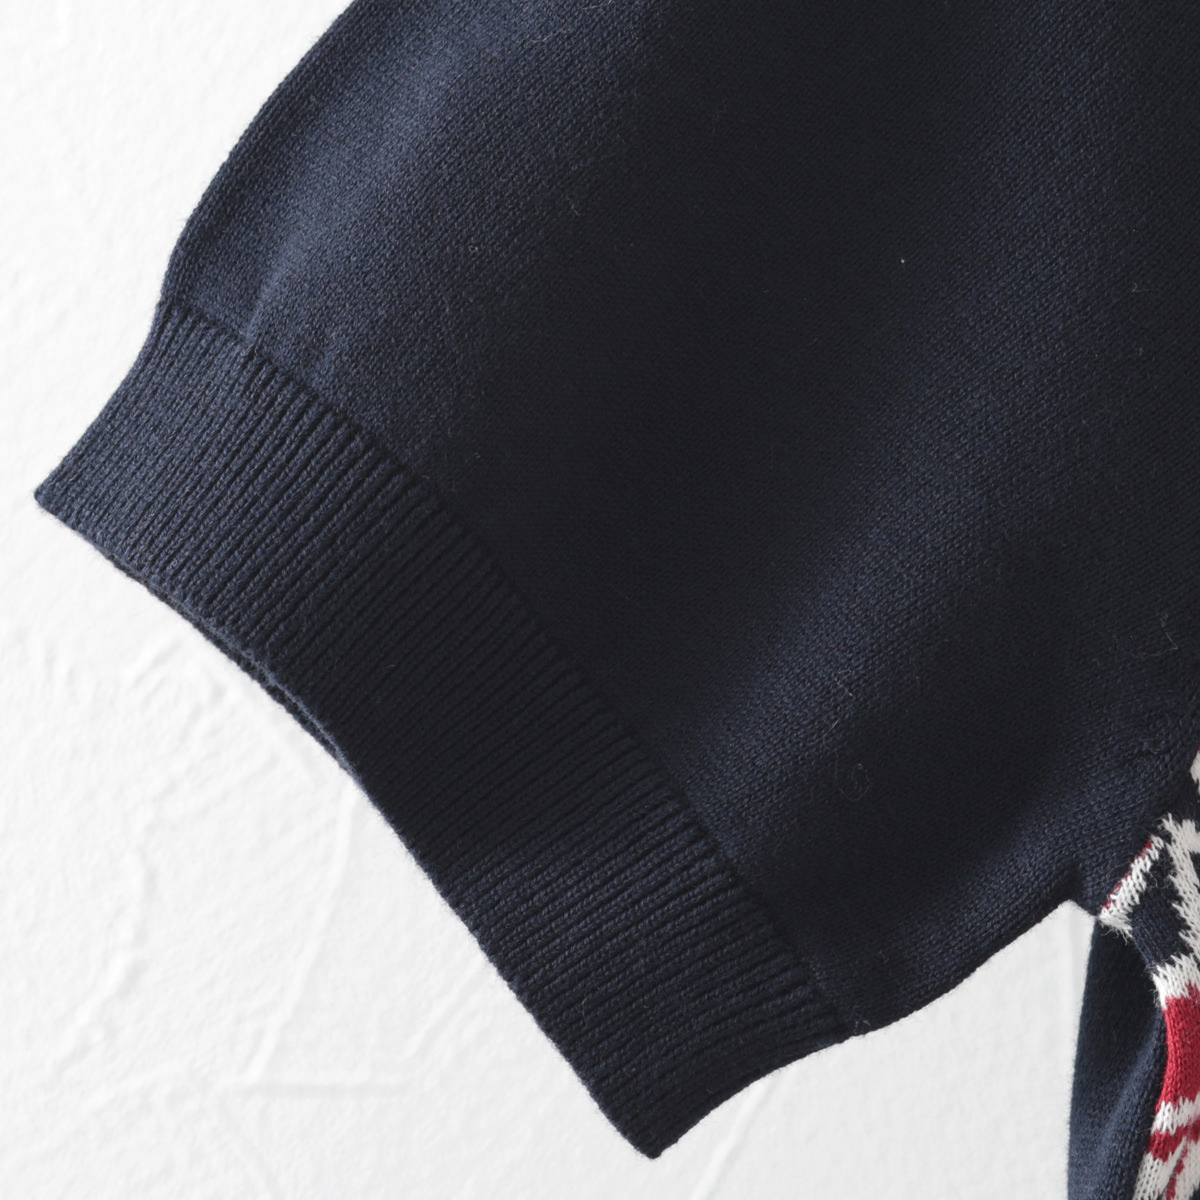 ベンシャーマン メンズ ポロシャツ ポロ キュービック ジャカードフロント Ben Sherman ダークネイビー レギュラー フィット